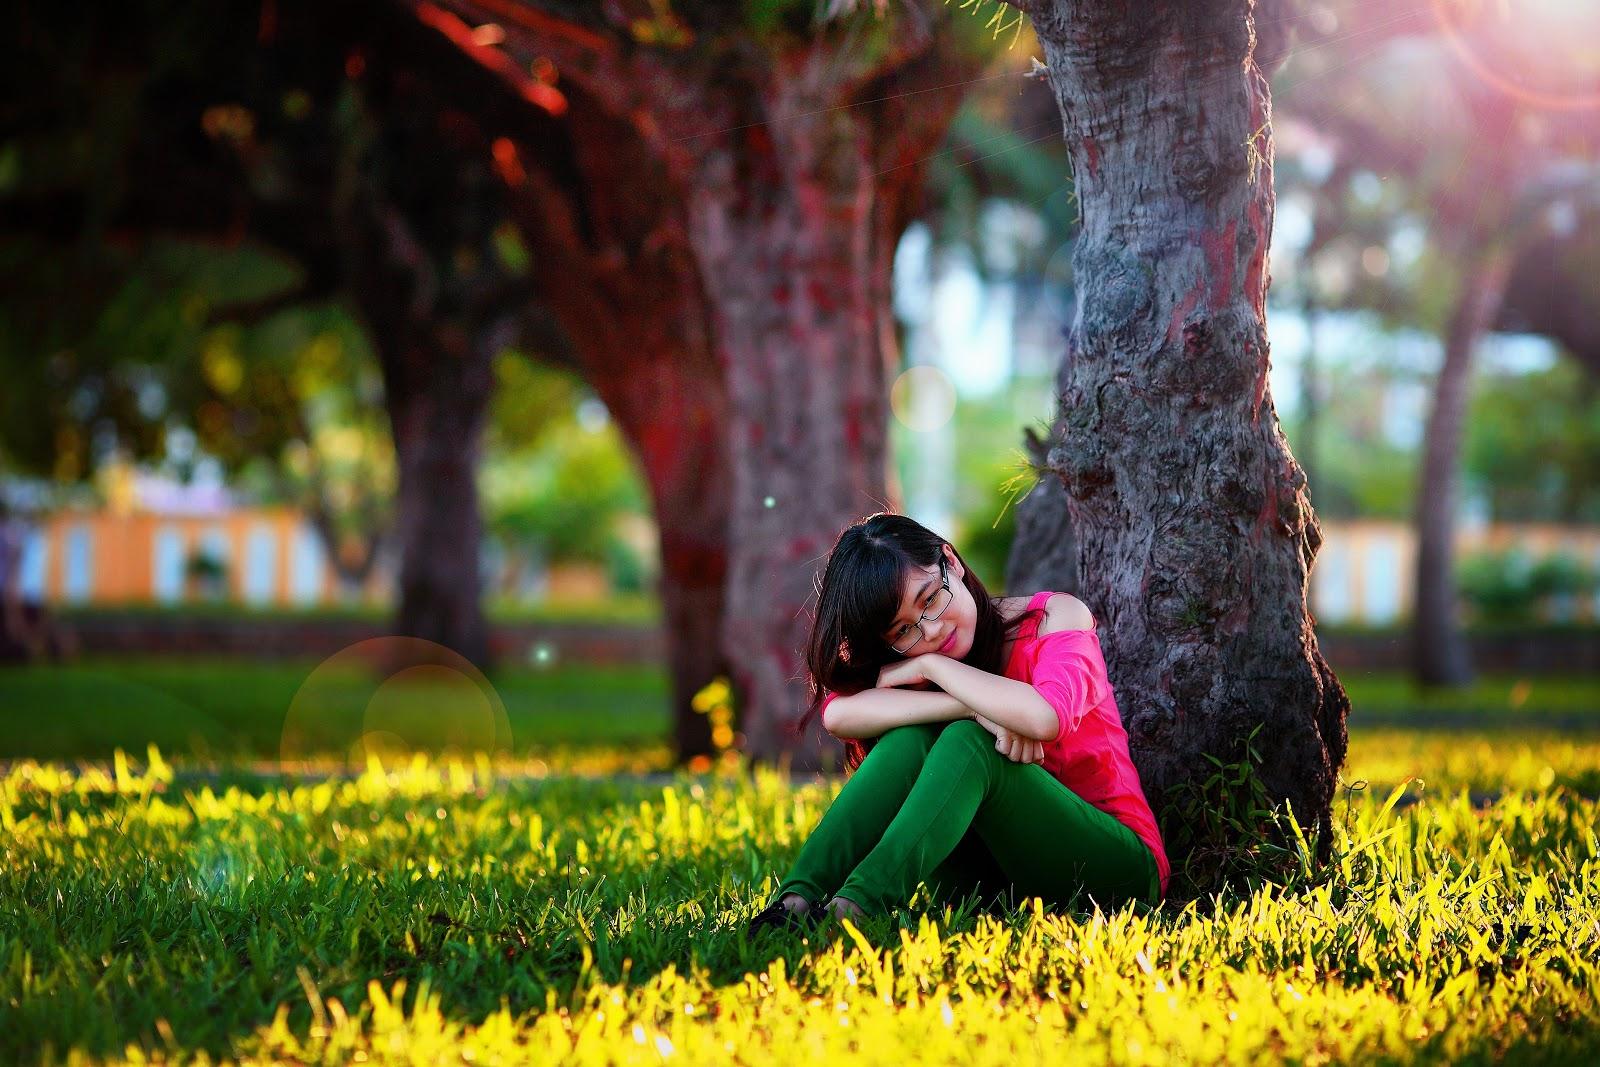 草地に座って温和な表情を浮かべながら考える女性